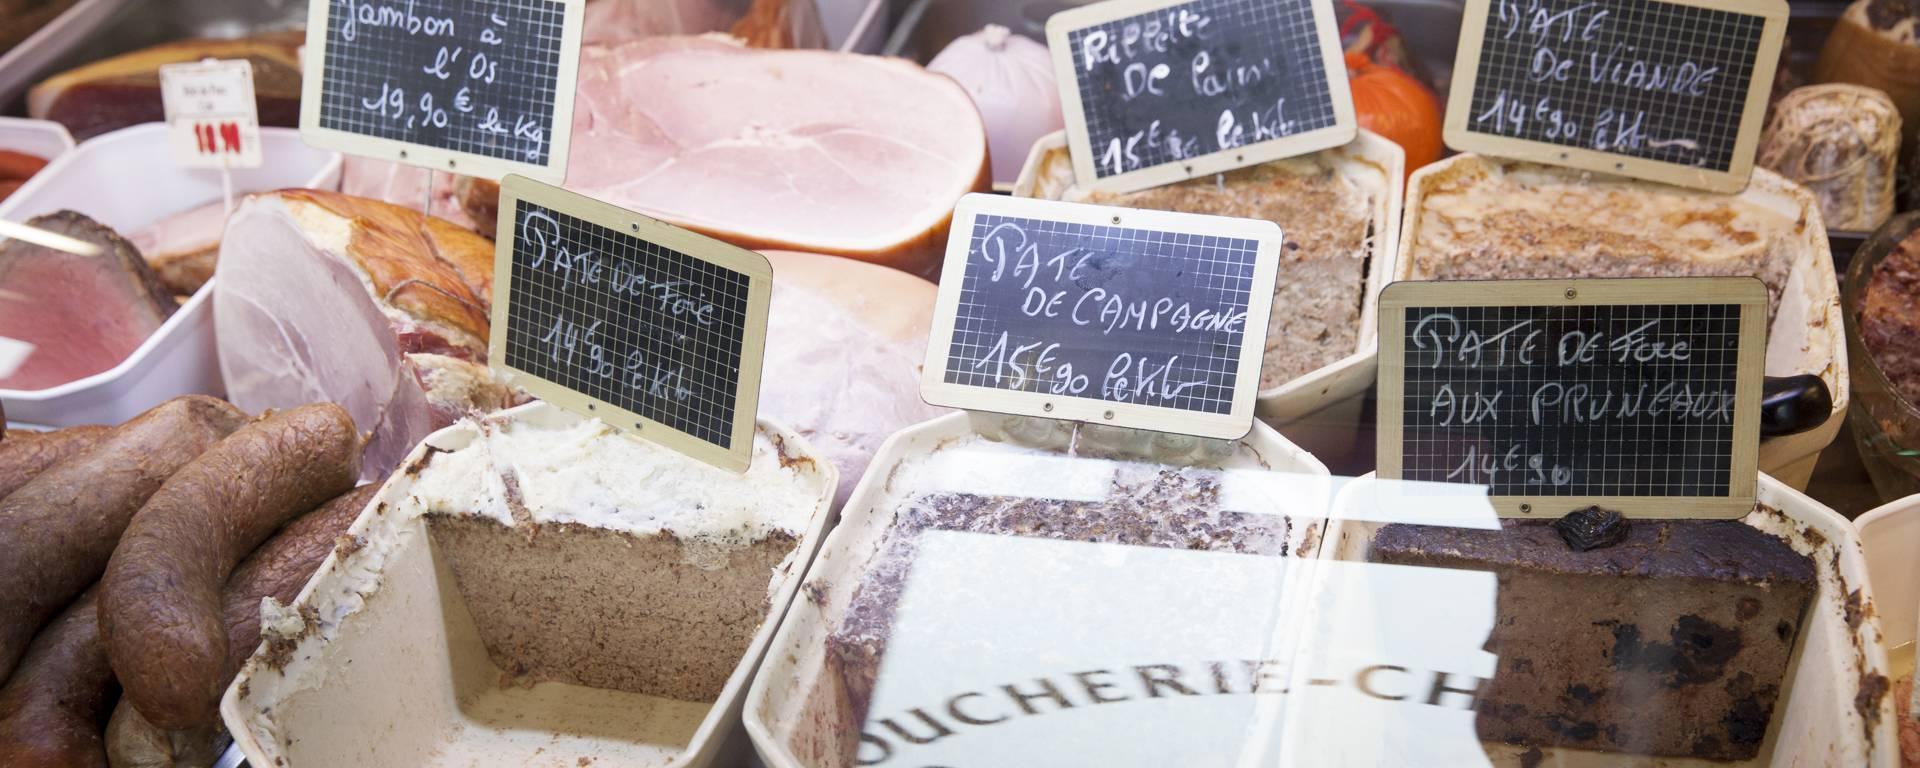 Boucherie charcuterie Leblanc à Burbure